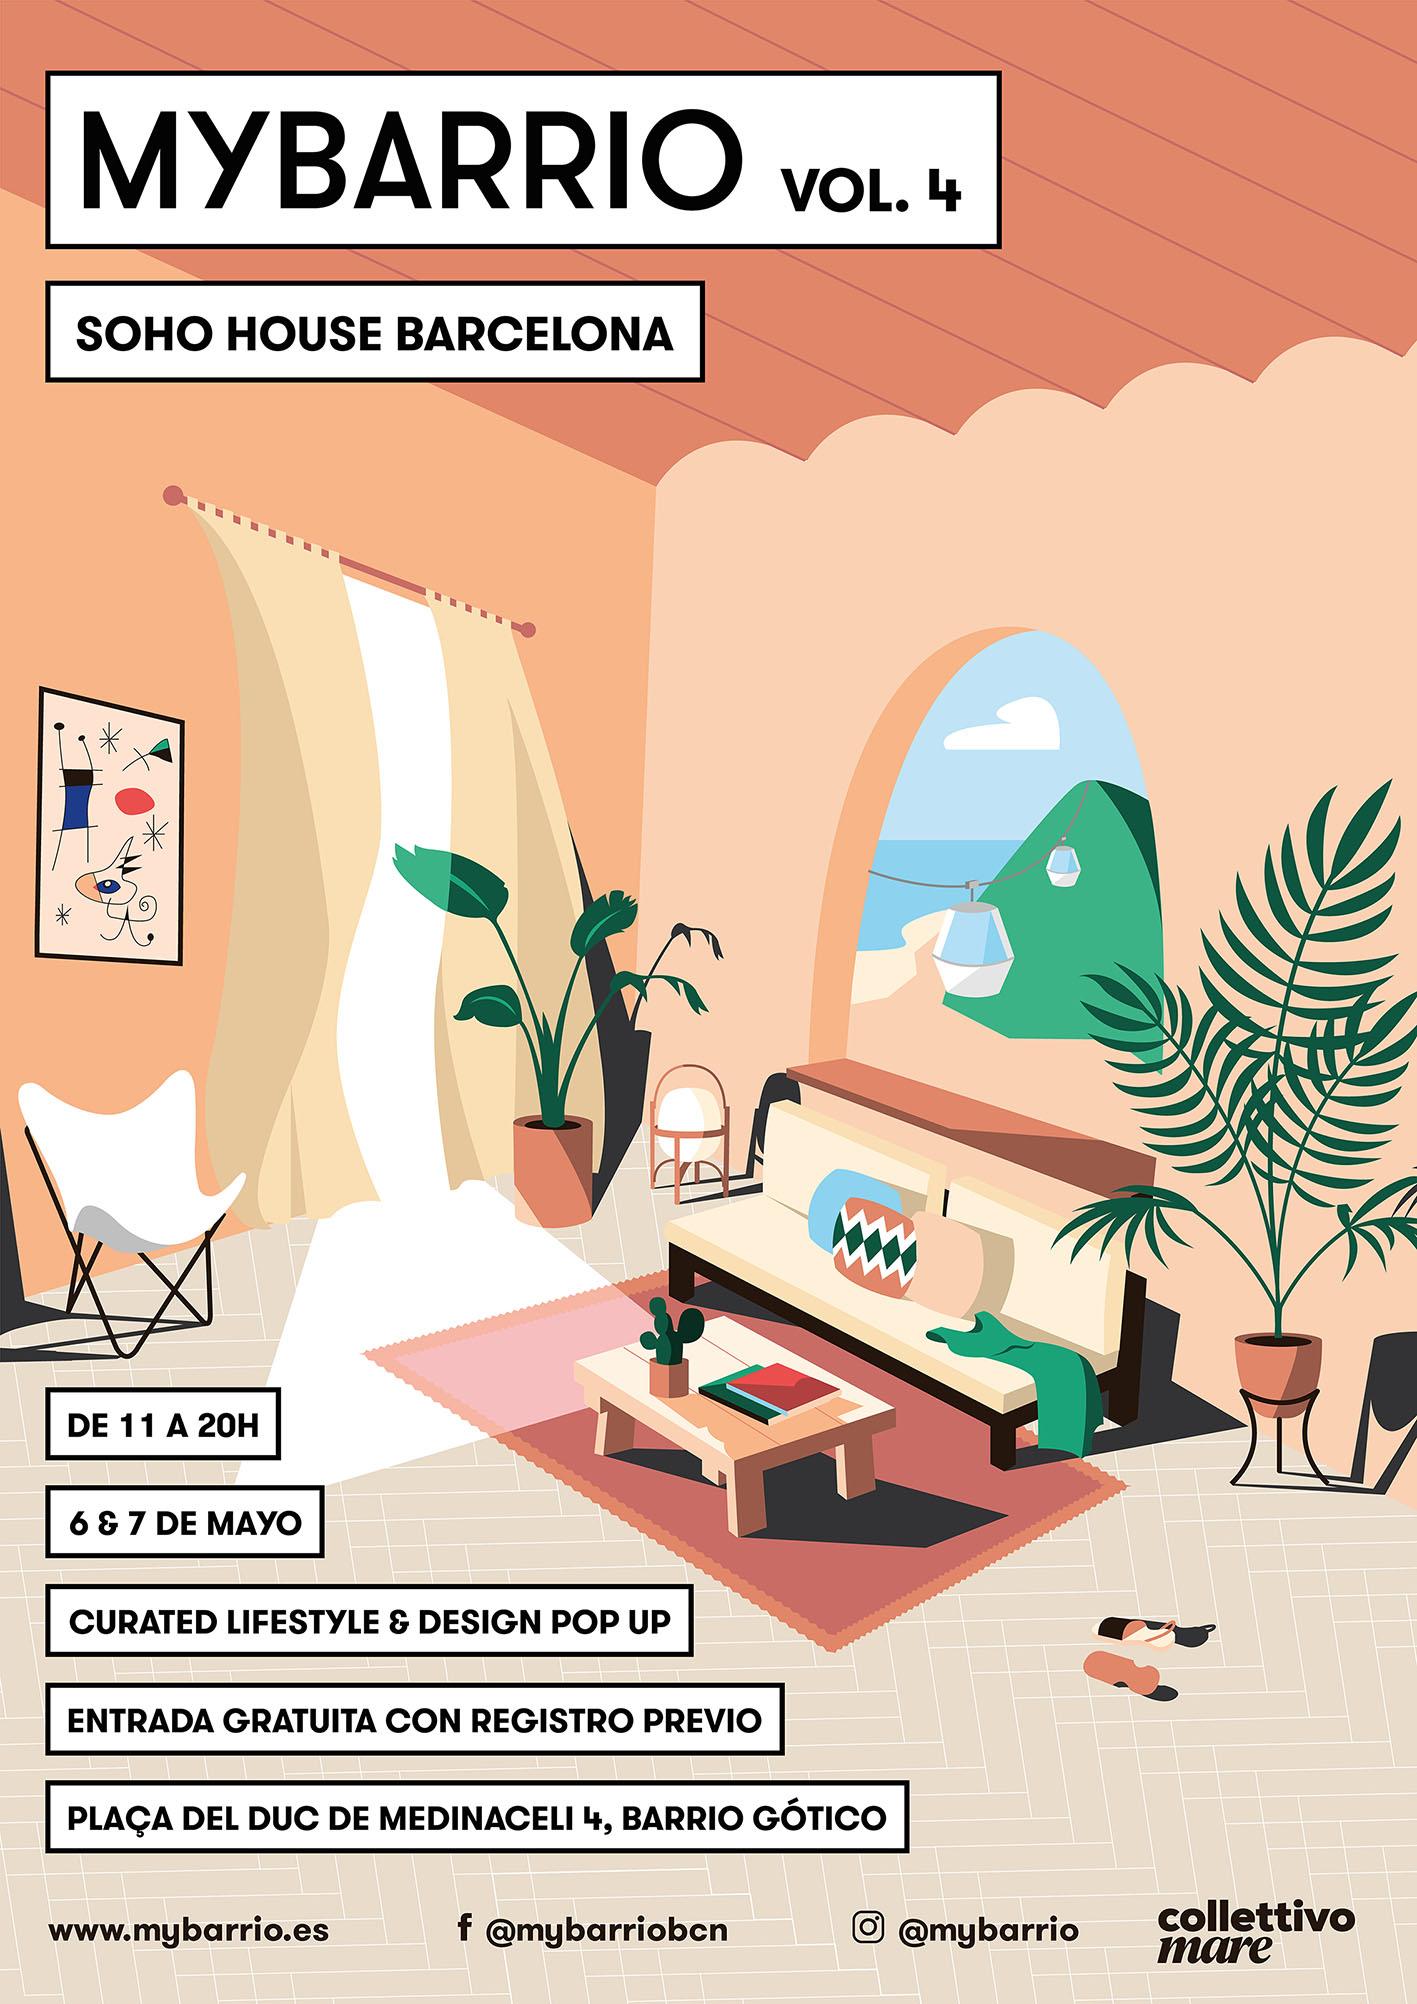 Sábado 6 de Mayo.Barcelona, Soho House Club. - Curated design treasures from Barcelona by My Barrio Pop Up store.Puedes descargarte tu entrada al evento en el siguiente link